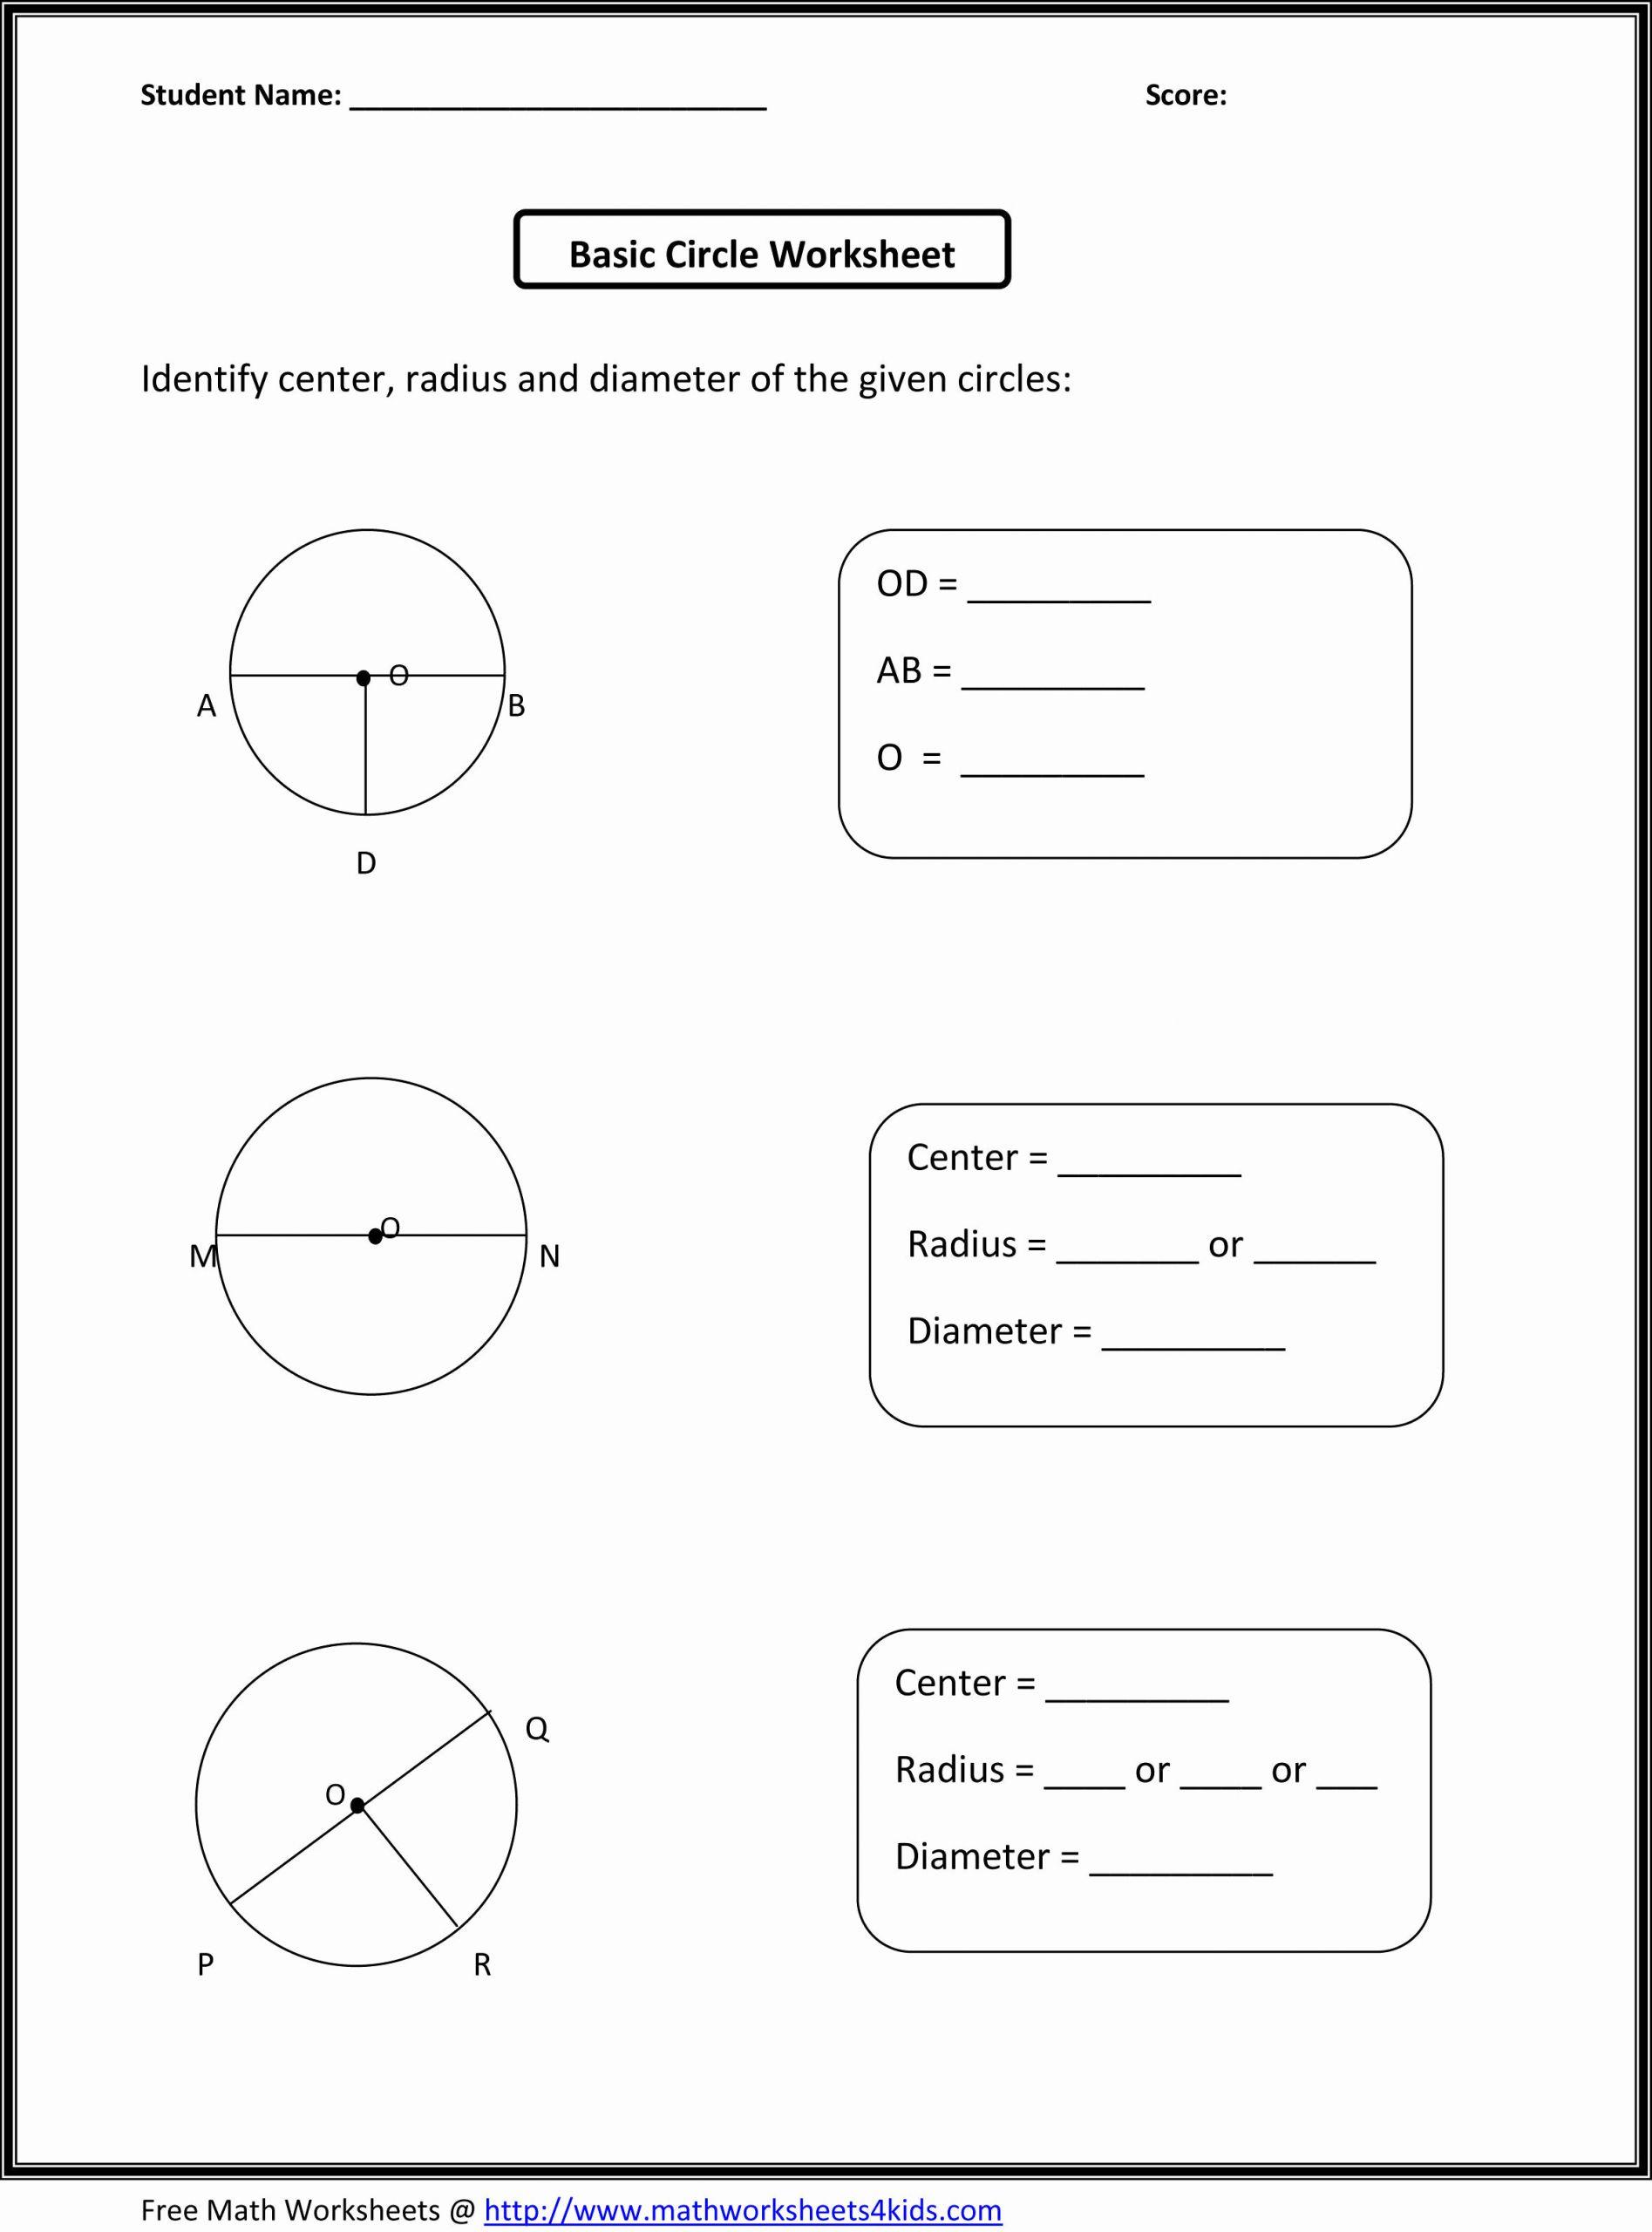 4 Free Math Worksheets Third Grade 3 Measurement Metric